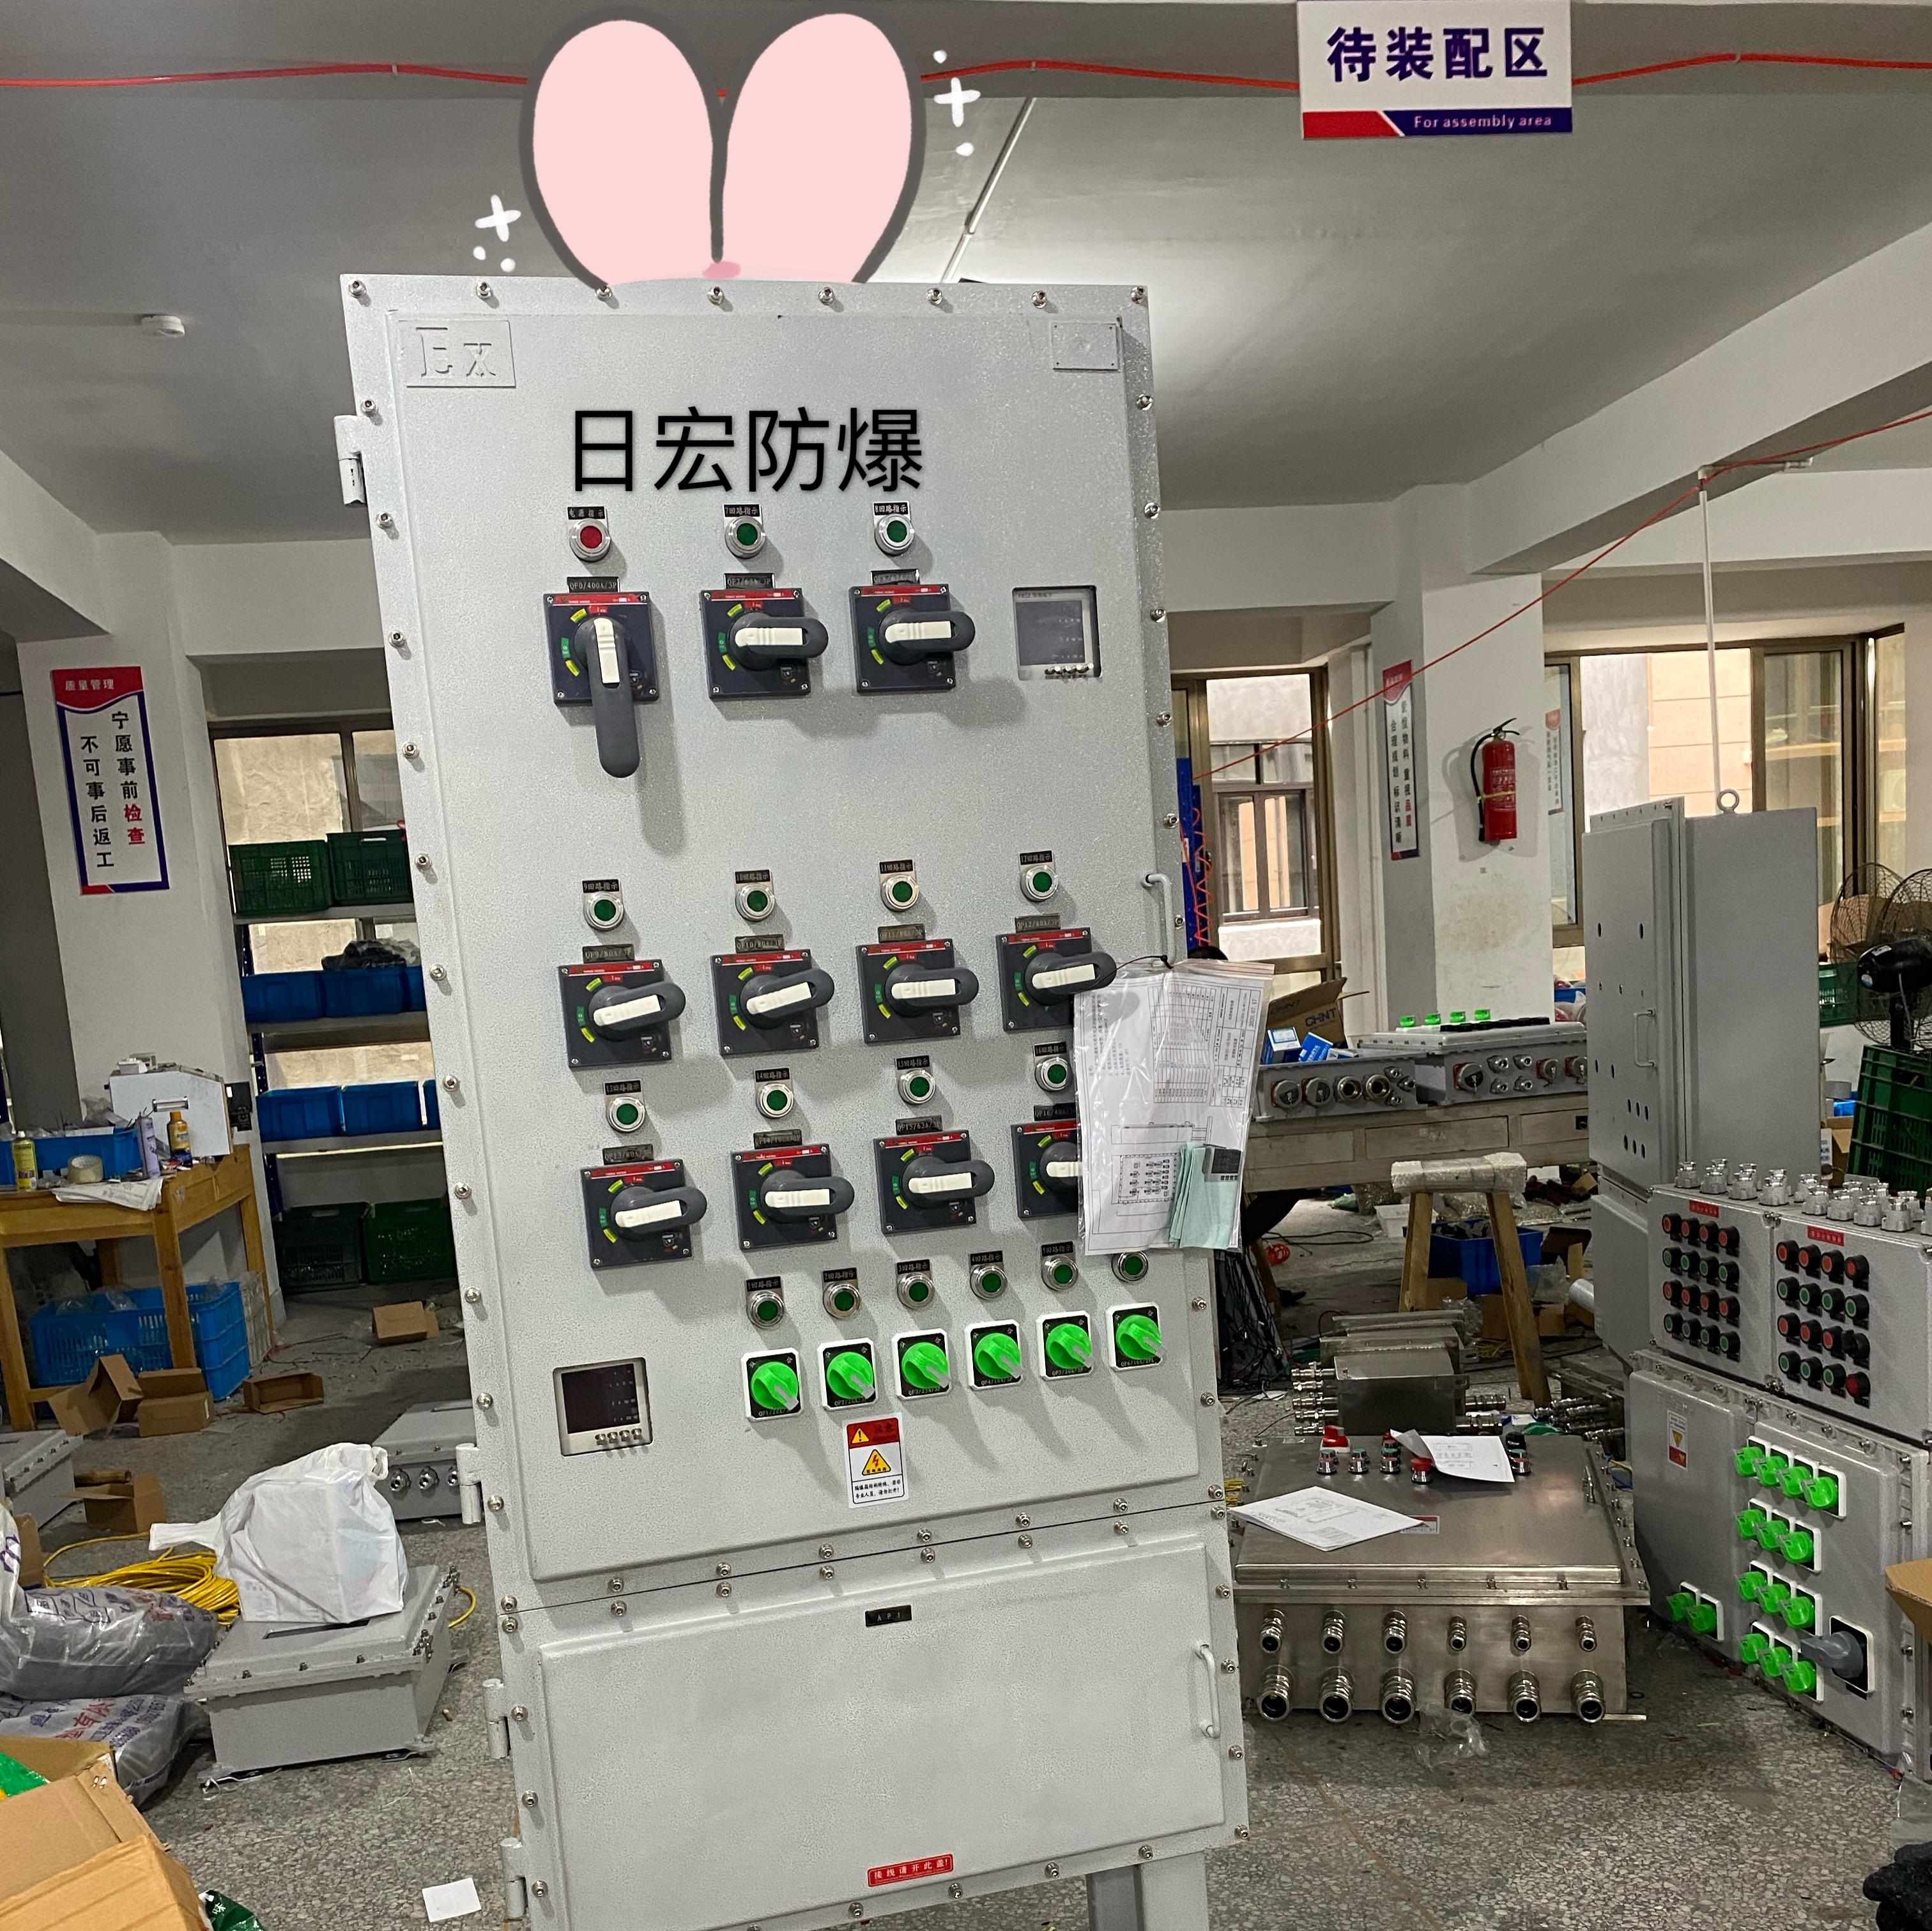 溫州日宏防爆電器有限公司